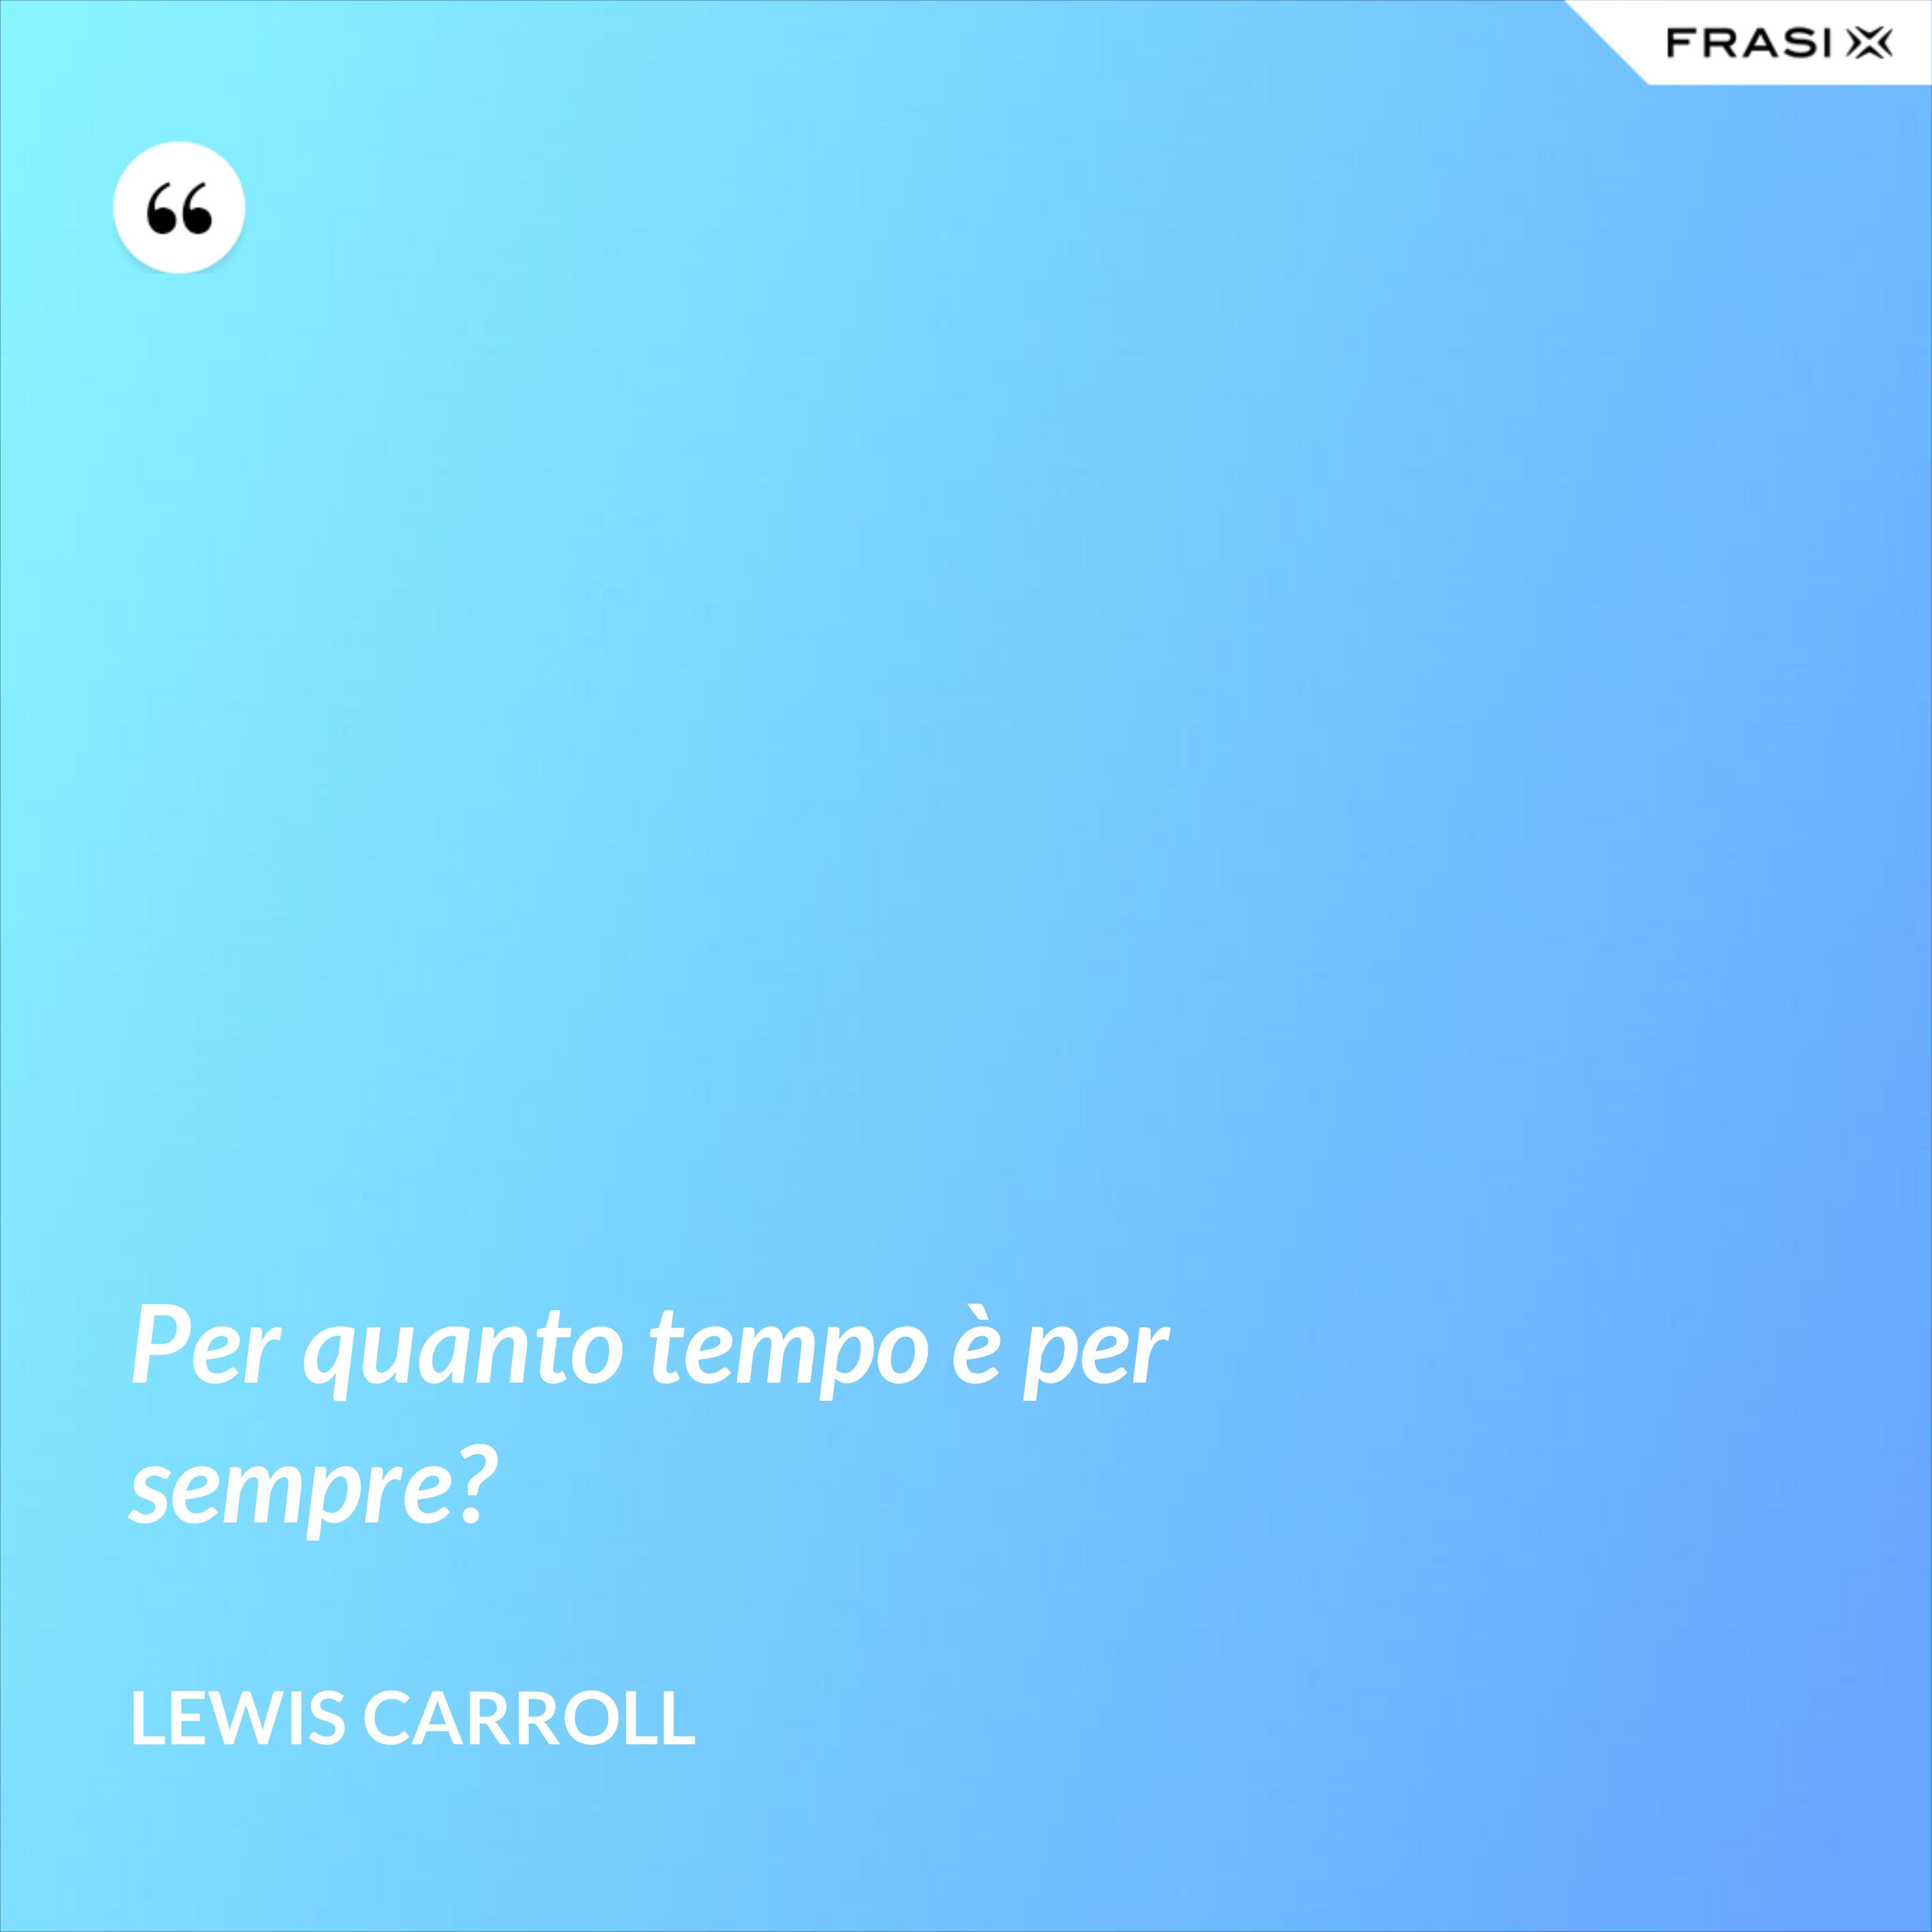 Per quanto tempo è per sempre? - Lewis Carroll